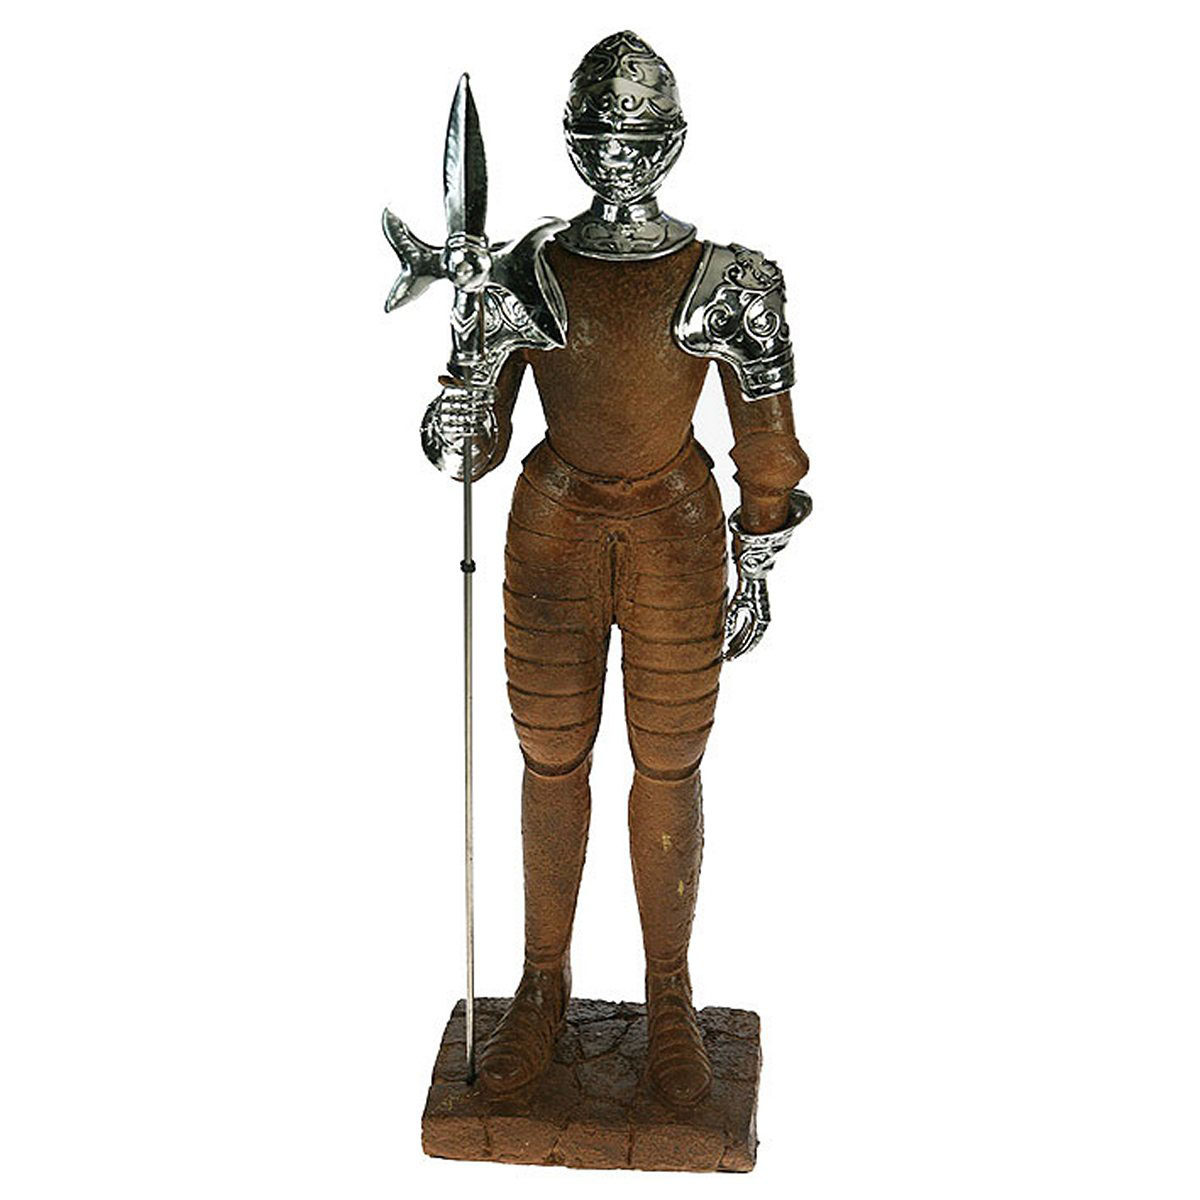 Статуэтка Русские Подарки Рыцарь, 18 х 12 х 54 см статуэтка русские подарки африканка 12 х 9 х 34 см